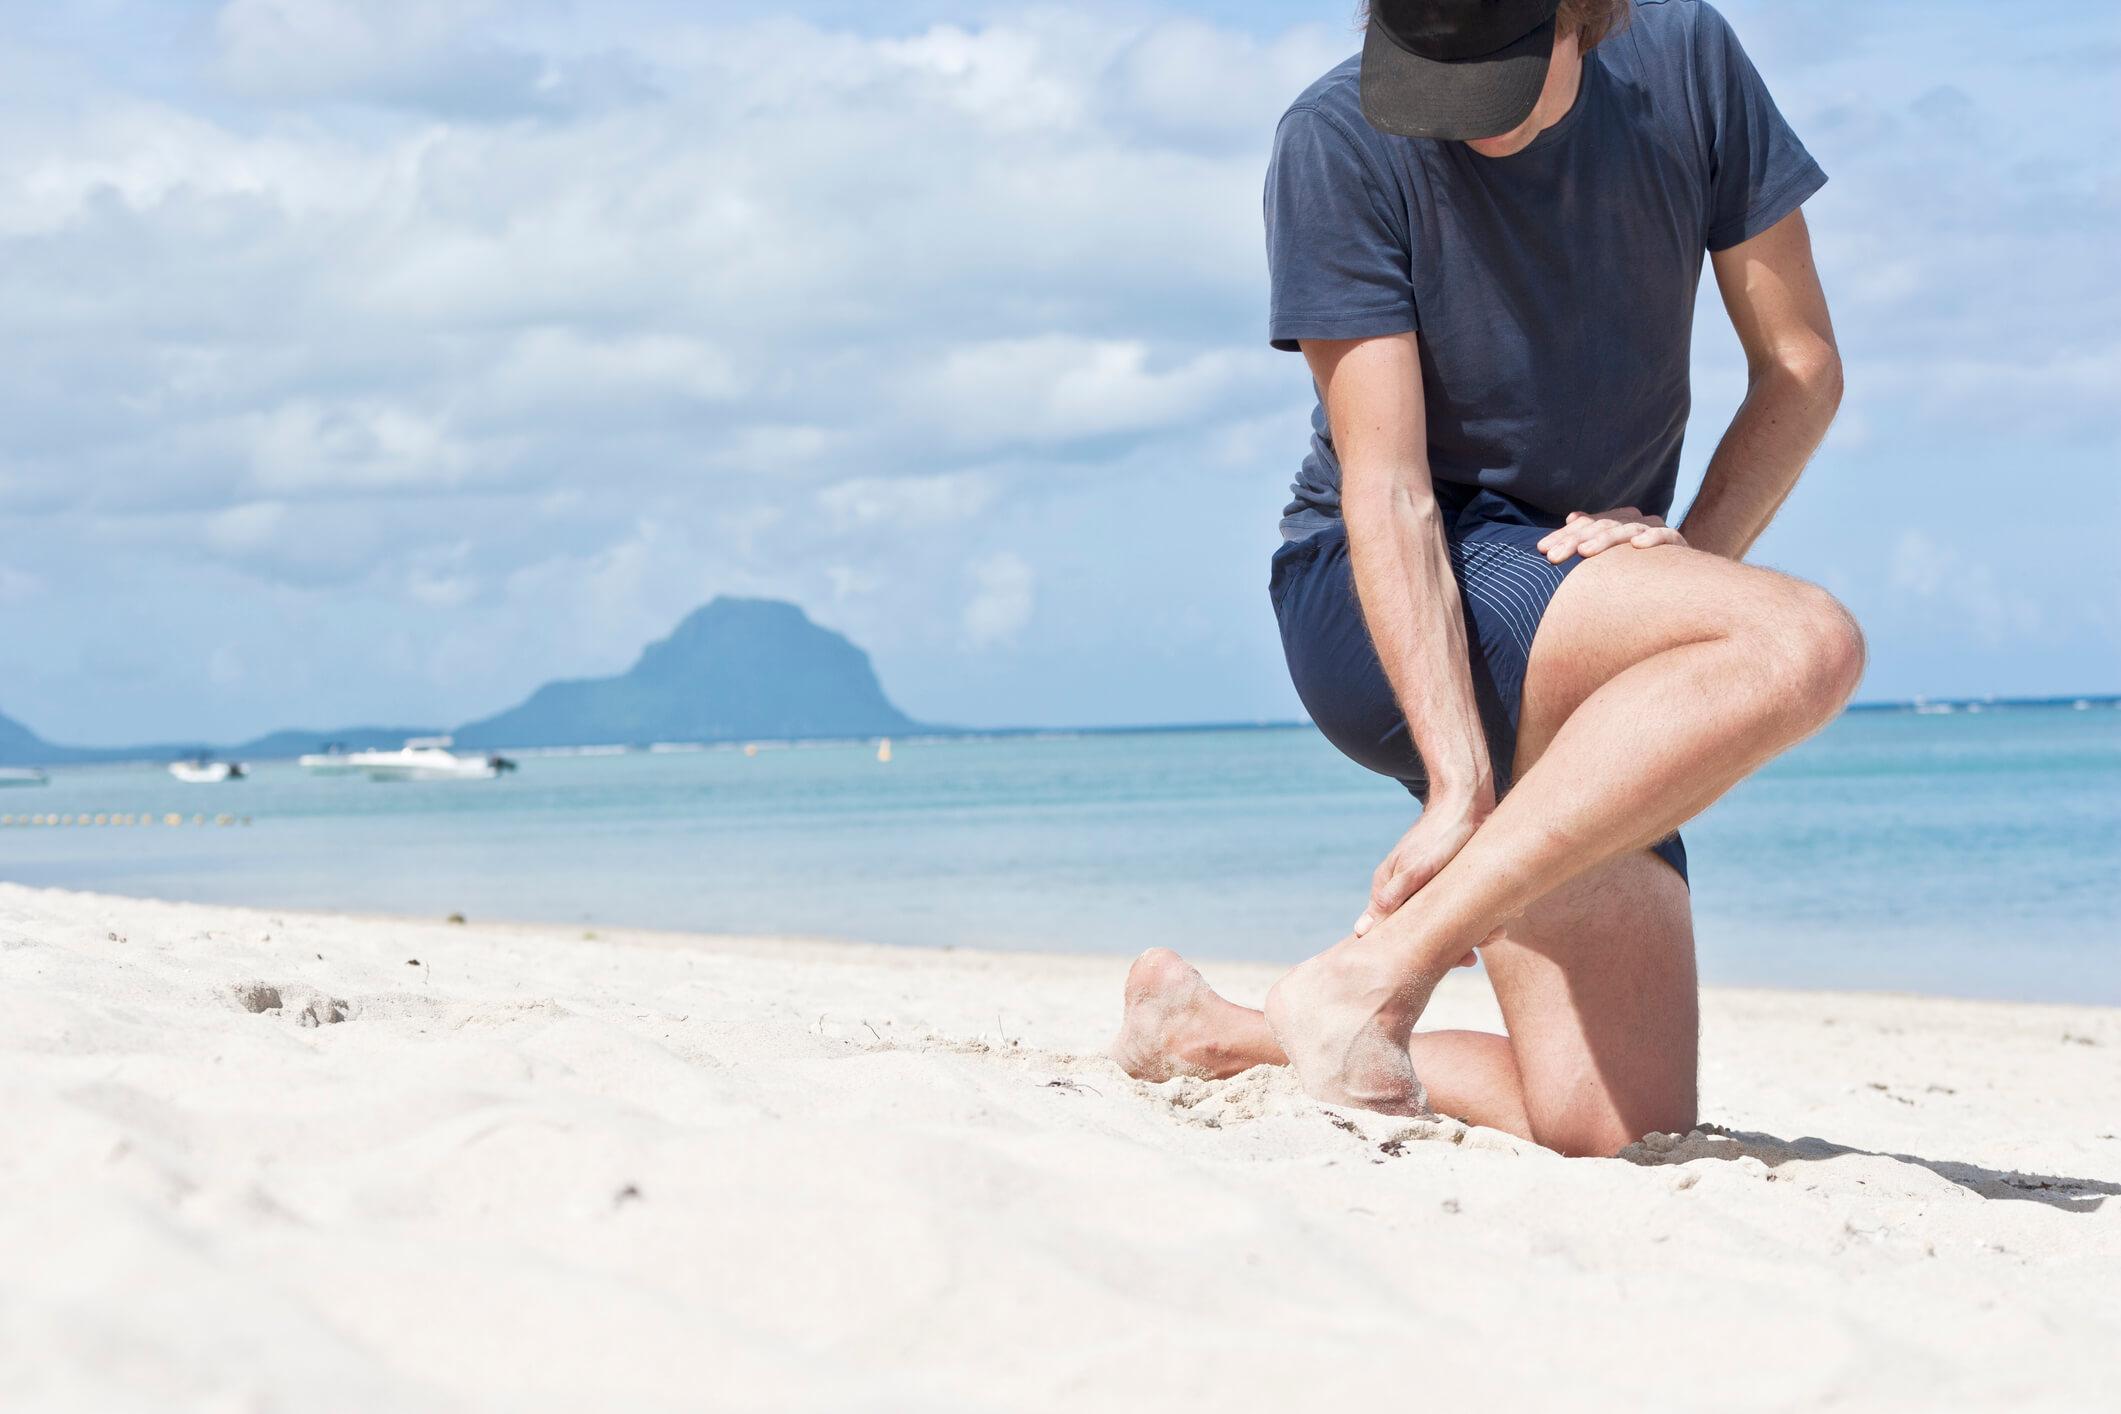 Lesão no Tendão de Aquiles: Entenda como acontece e como Prevenir